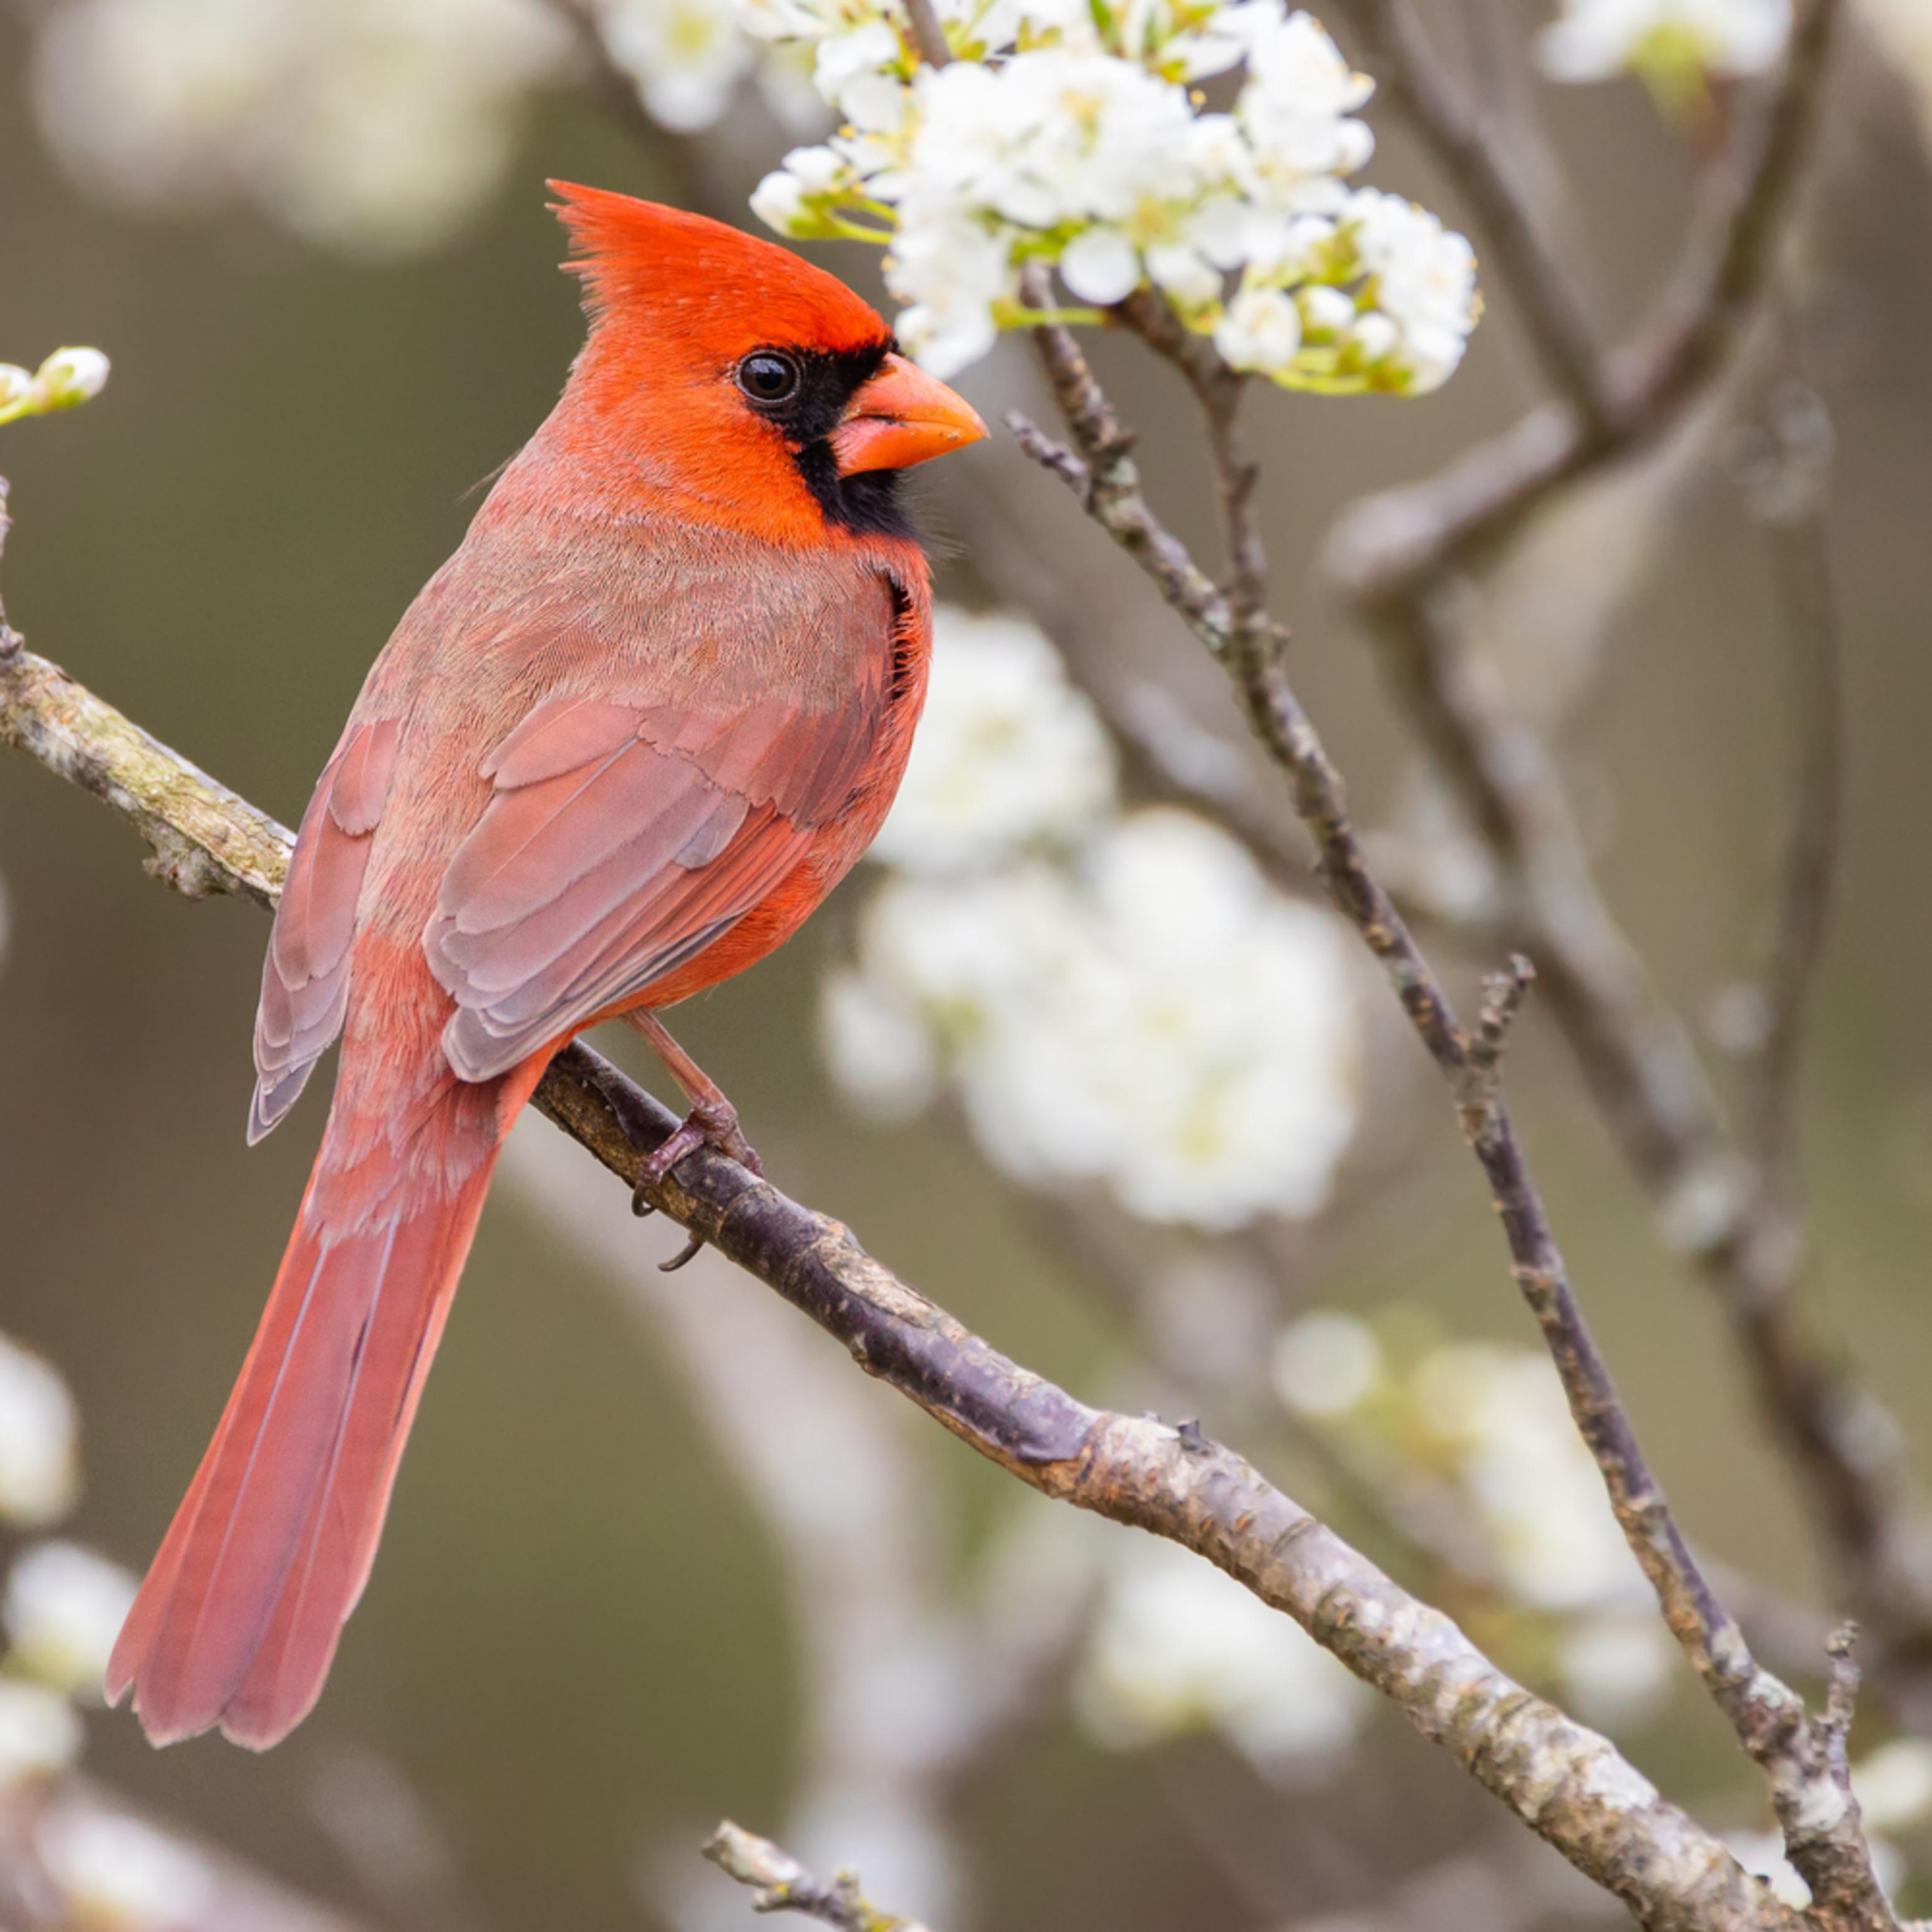 Forsyth county northern cardinal cuda edit tpnlhb